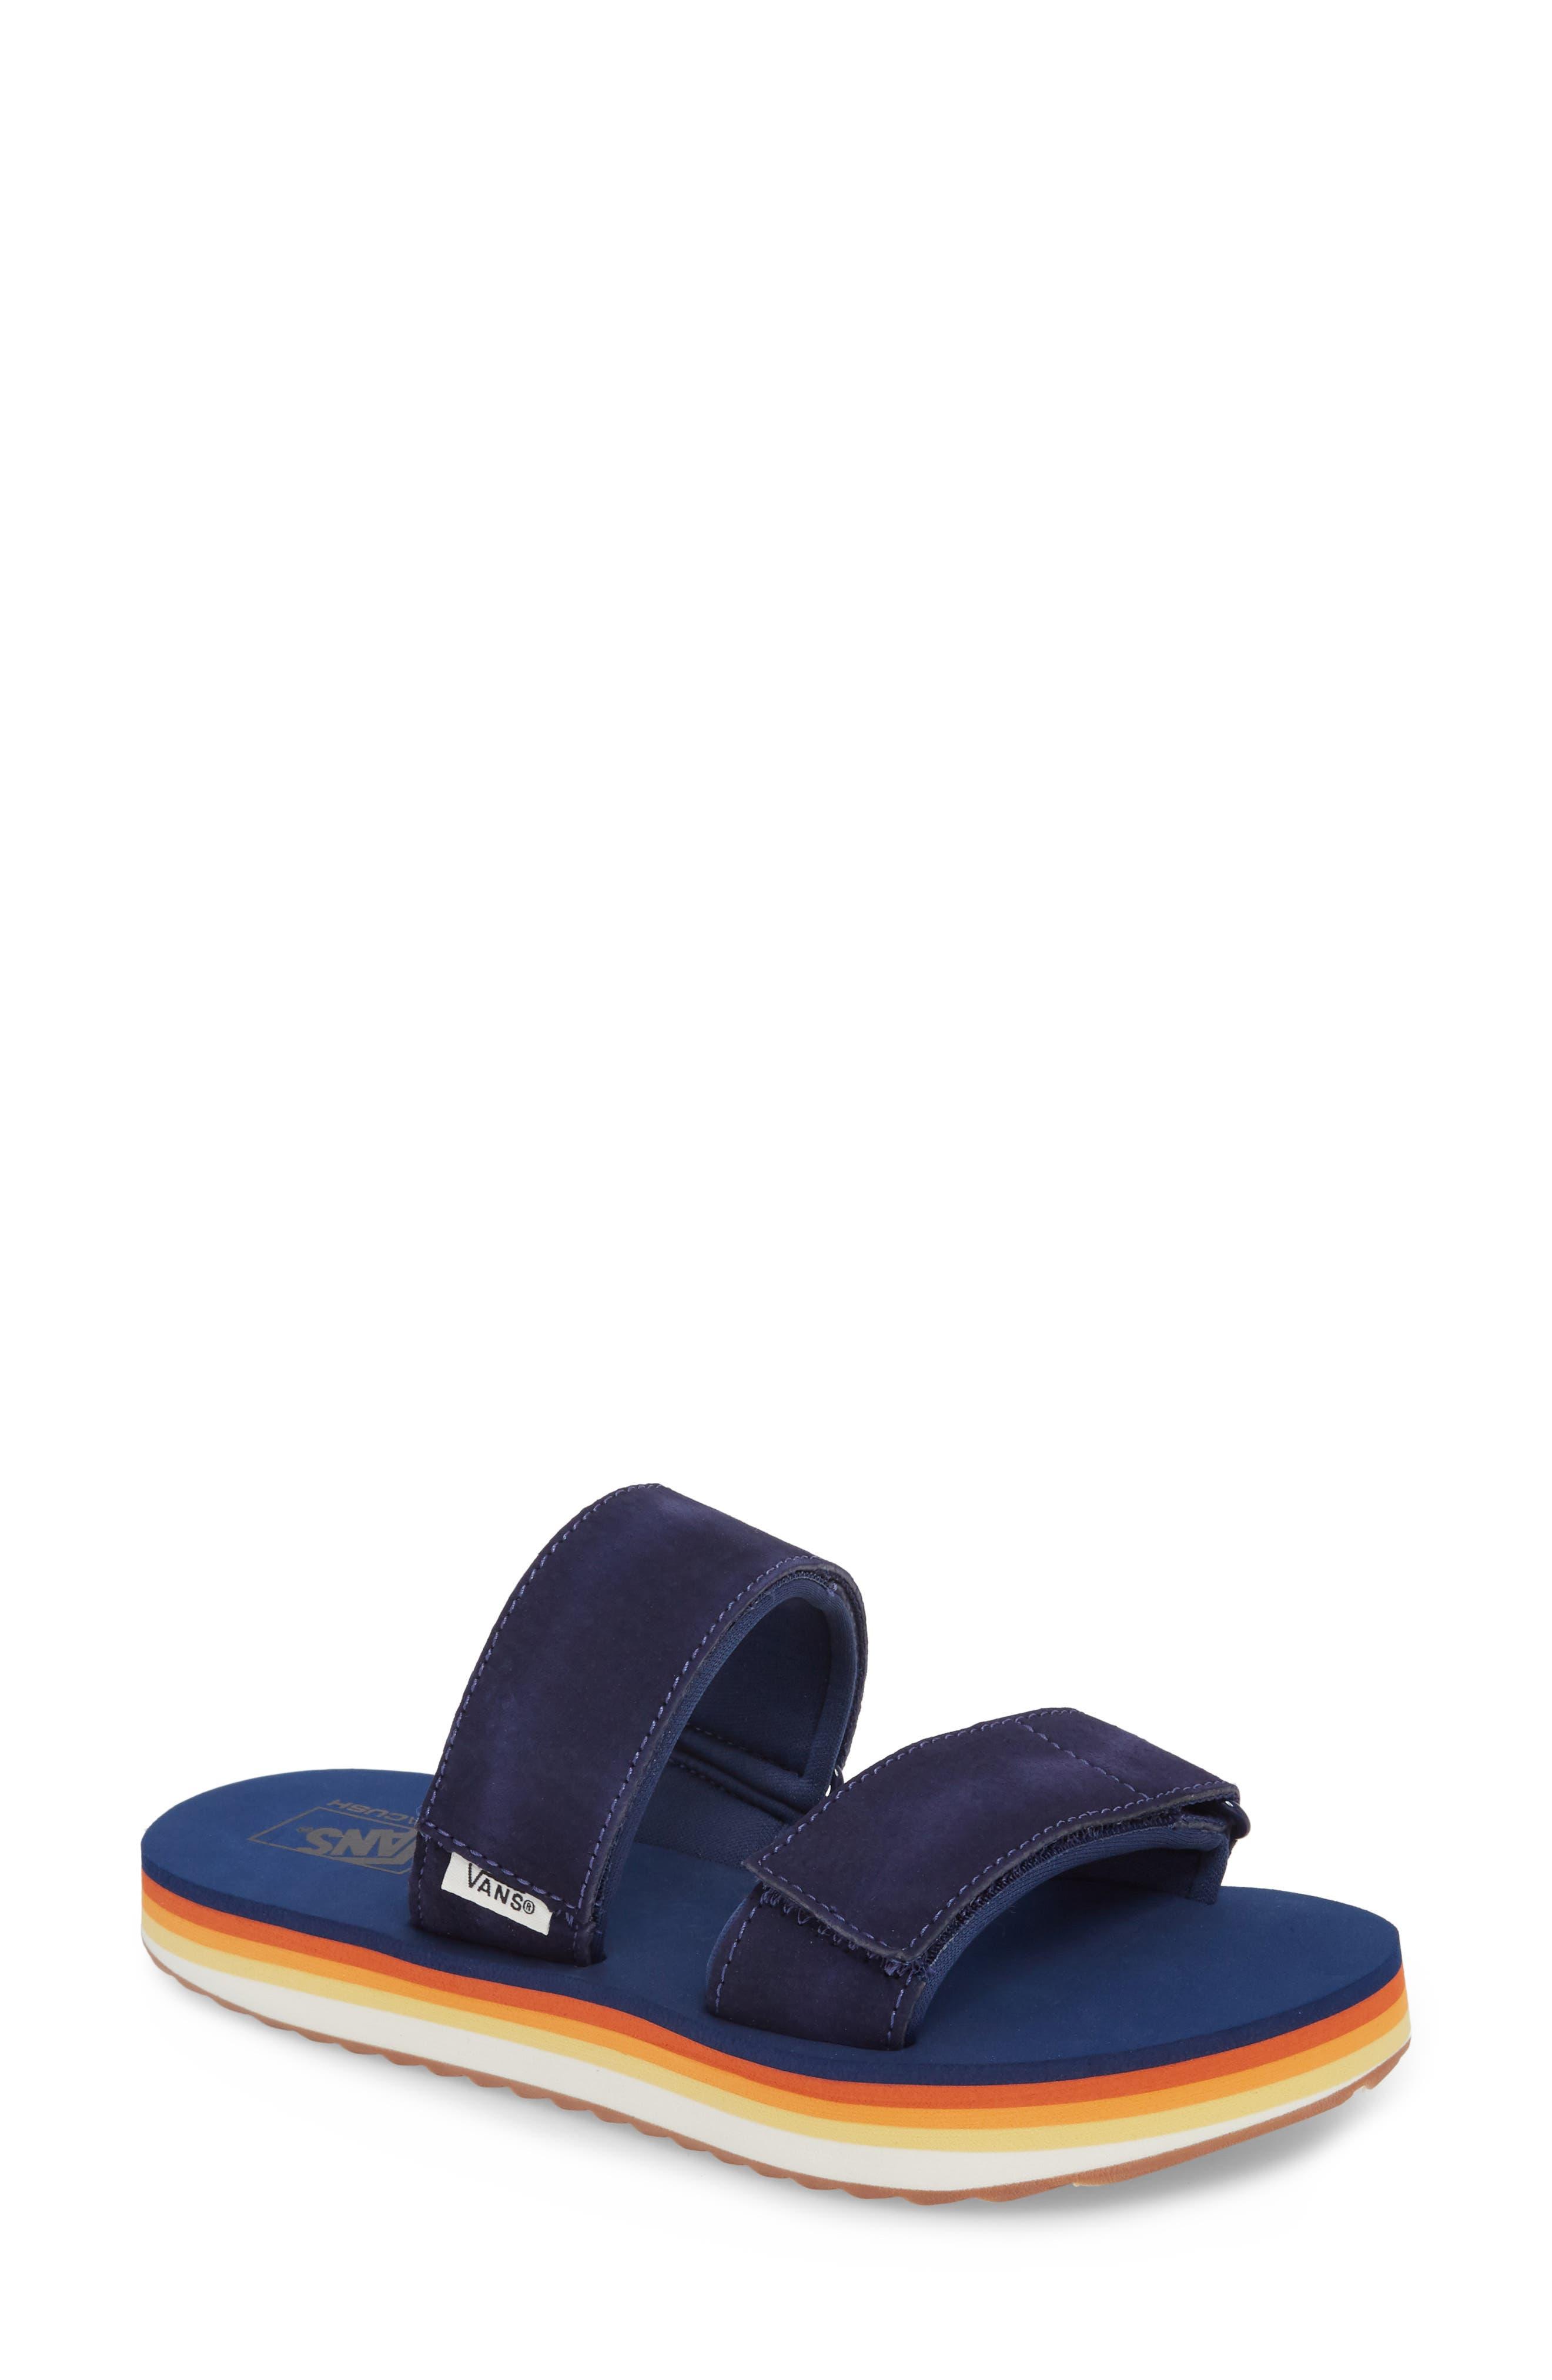 Cayucas Platform Slide Sandal,                             Main thumbnail 1, color,                             400